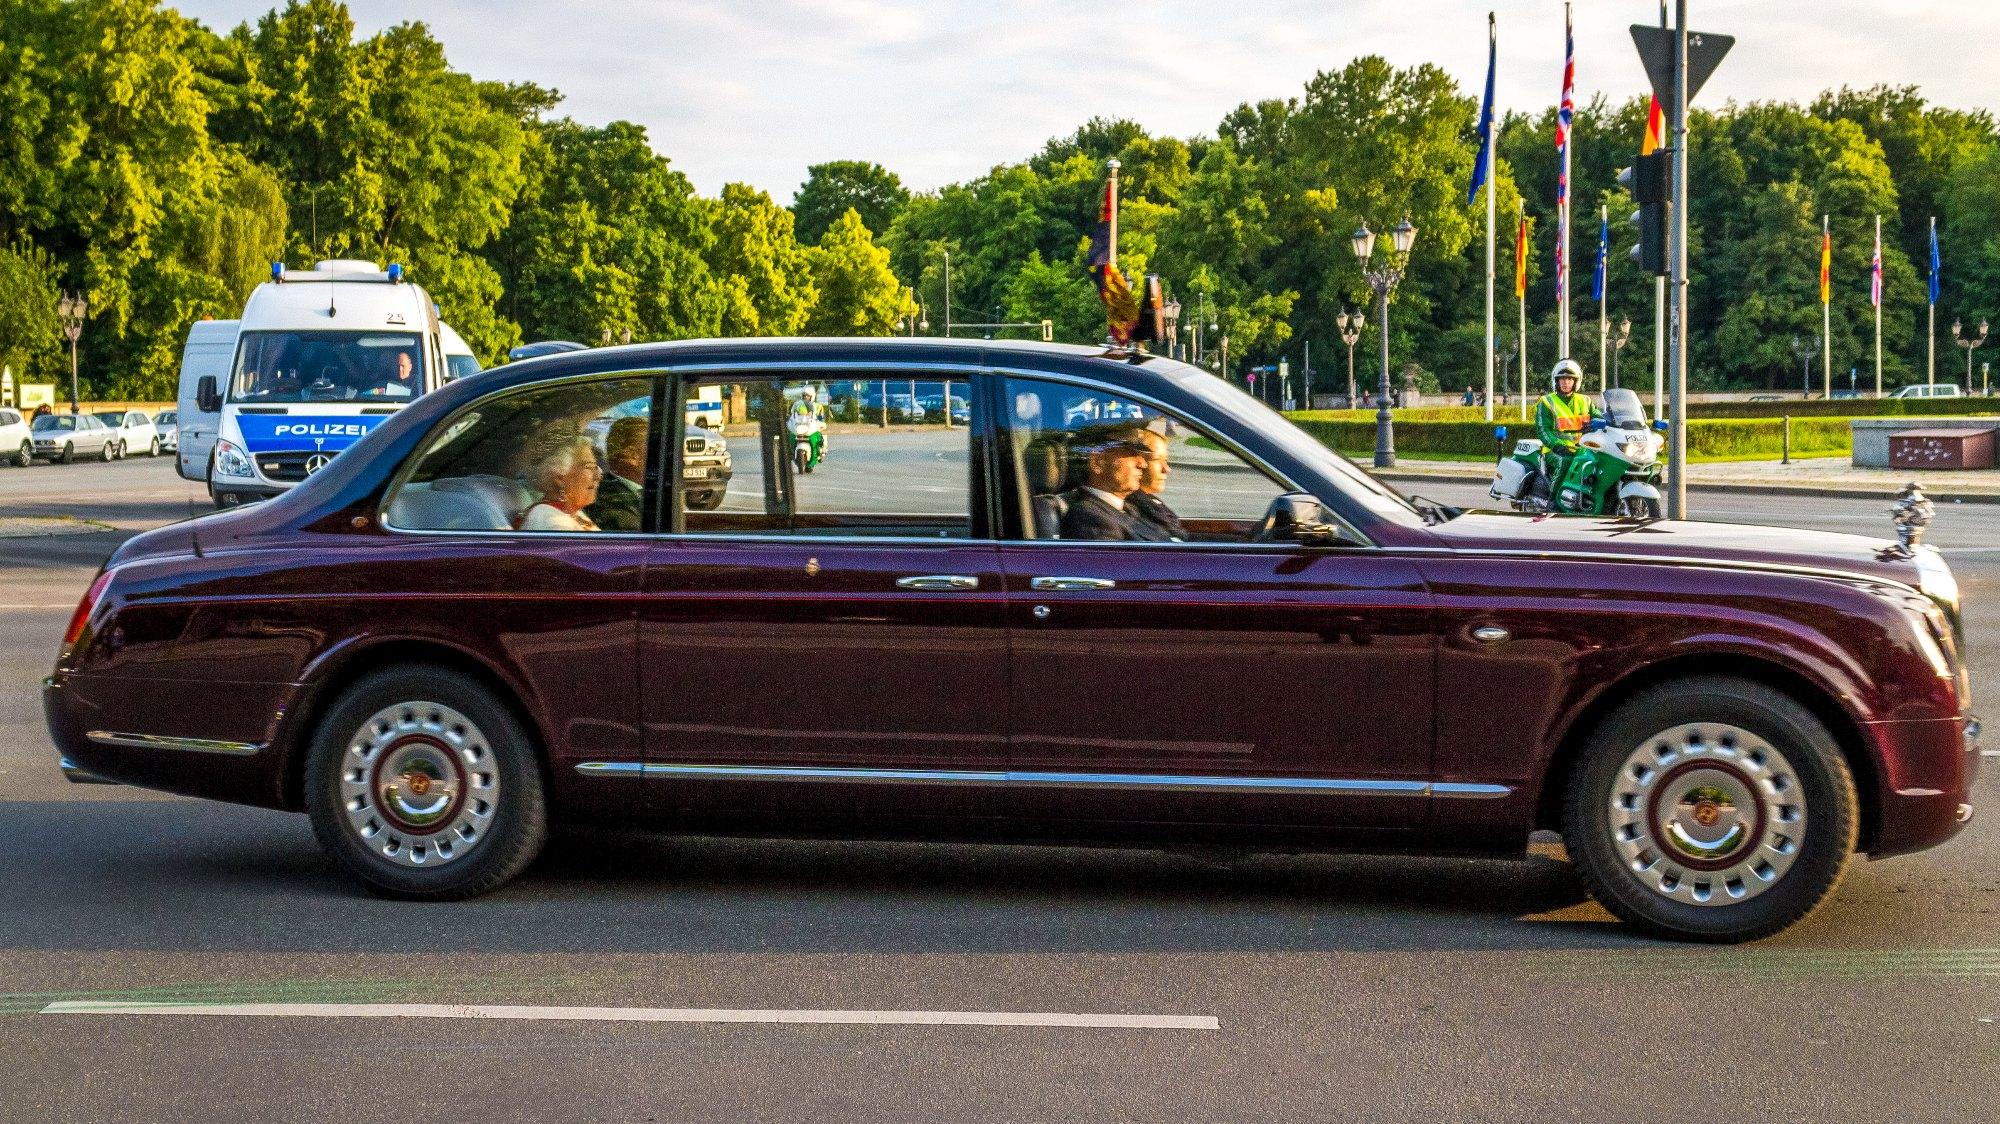 Rainha Elizabeth II usará seu Bentley, também exclusivo, para comparecer ao velório